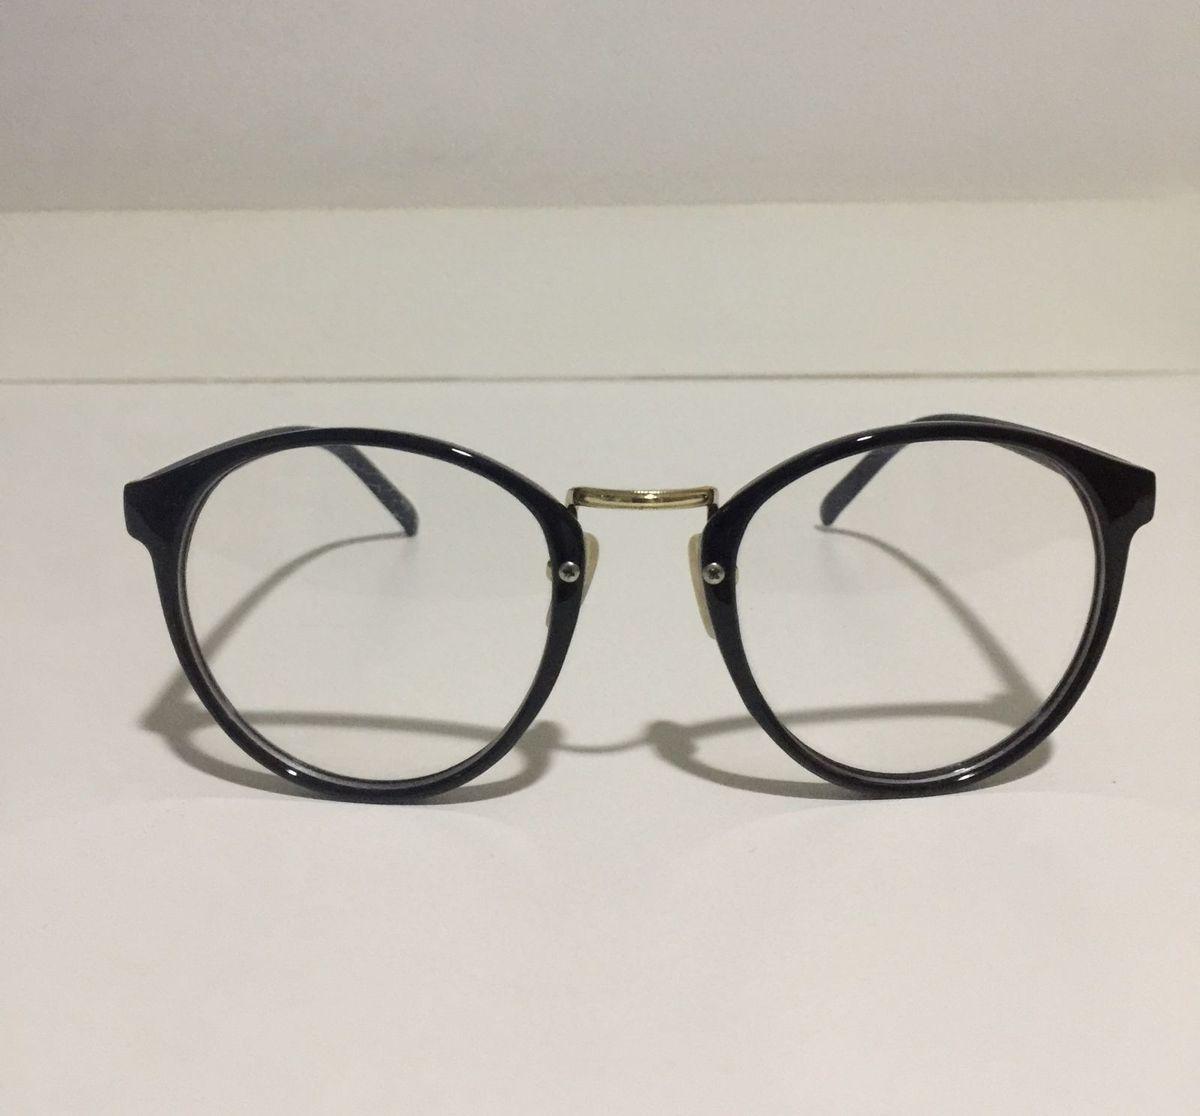 11be4fa1f óculos de grau redondo - óculos sem marca.  Czm6ly9wag90b3muzw5qb2vplmnvbs5ici9wcm9kdwn0cy81ndq4njcvmtaxn2iymmmyzwy0mgixoge1nweyn2izogm5y2u1m2yuanbn